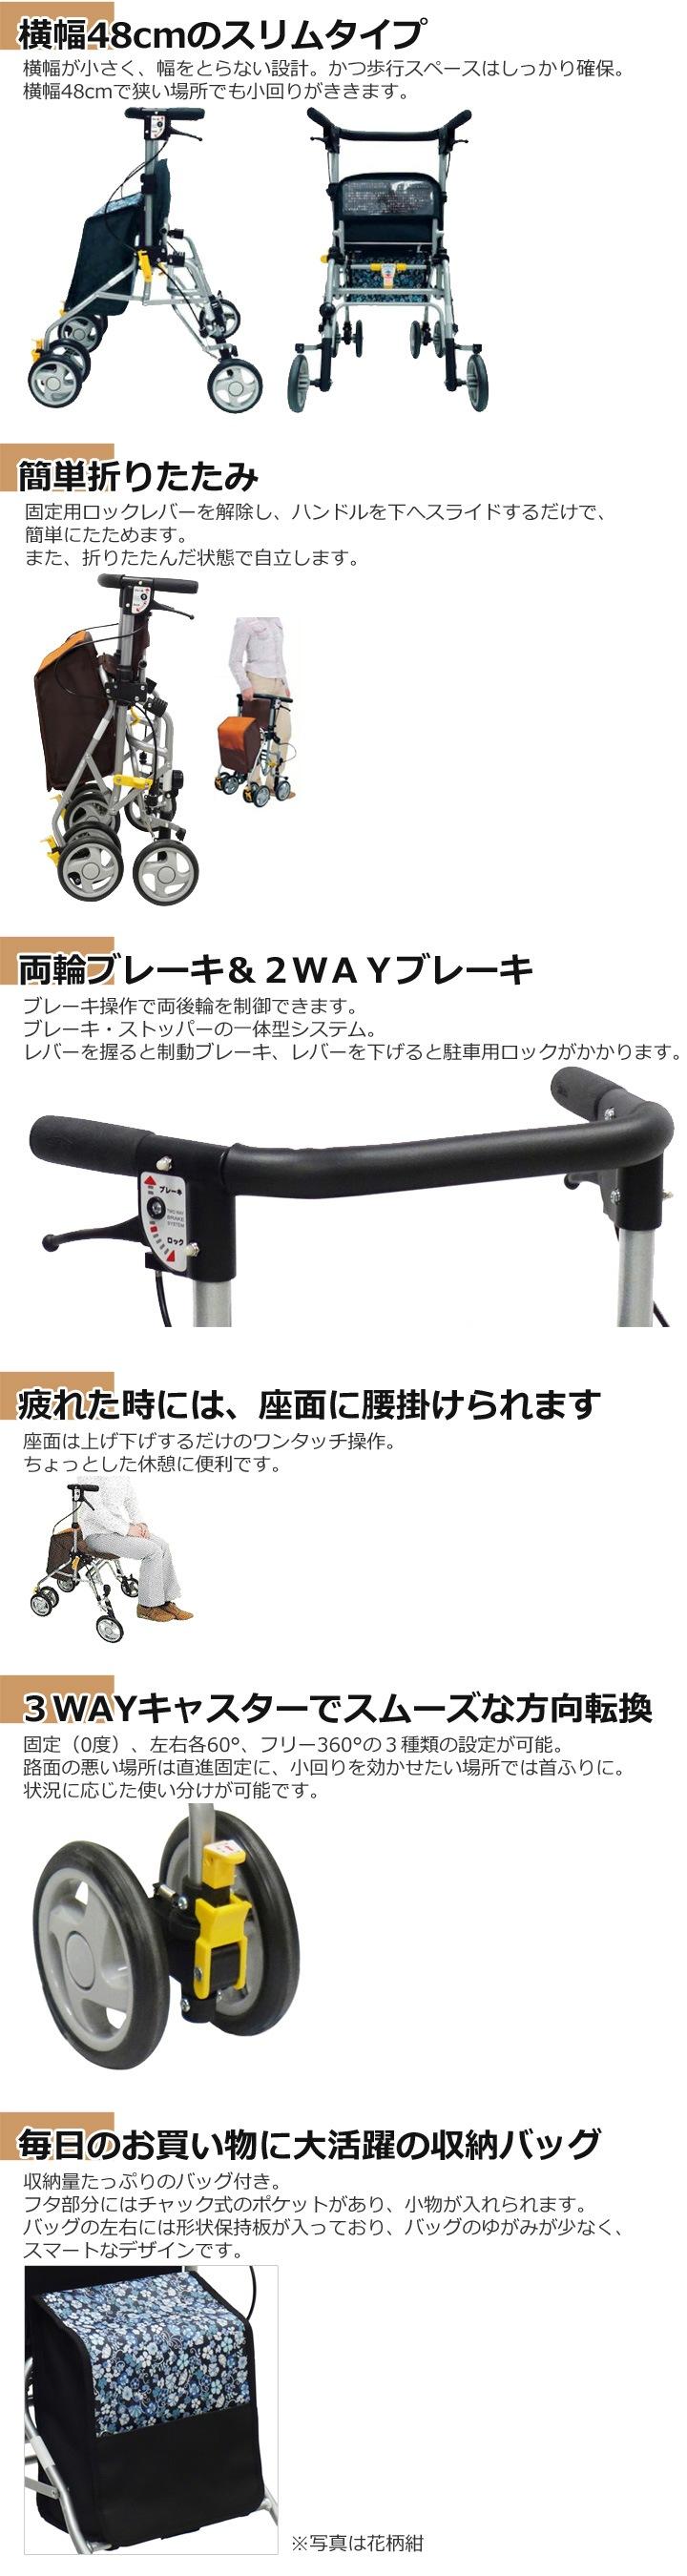 四輪歩行車シンフォニーSPスリムの機能説明